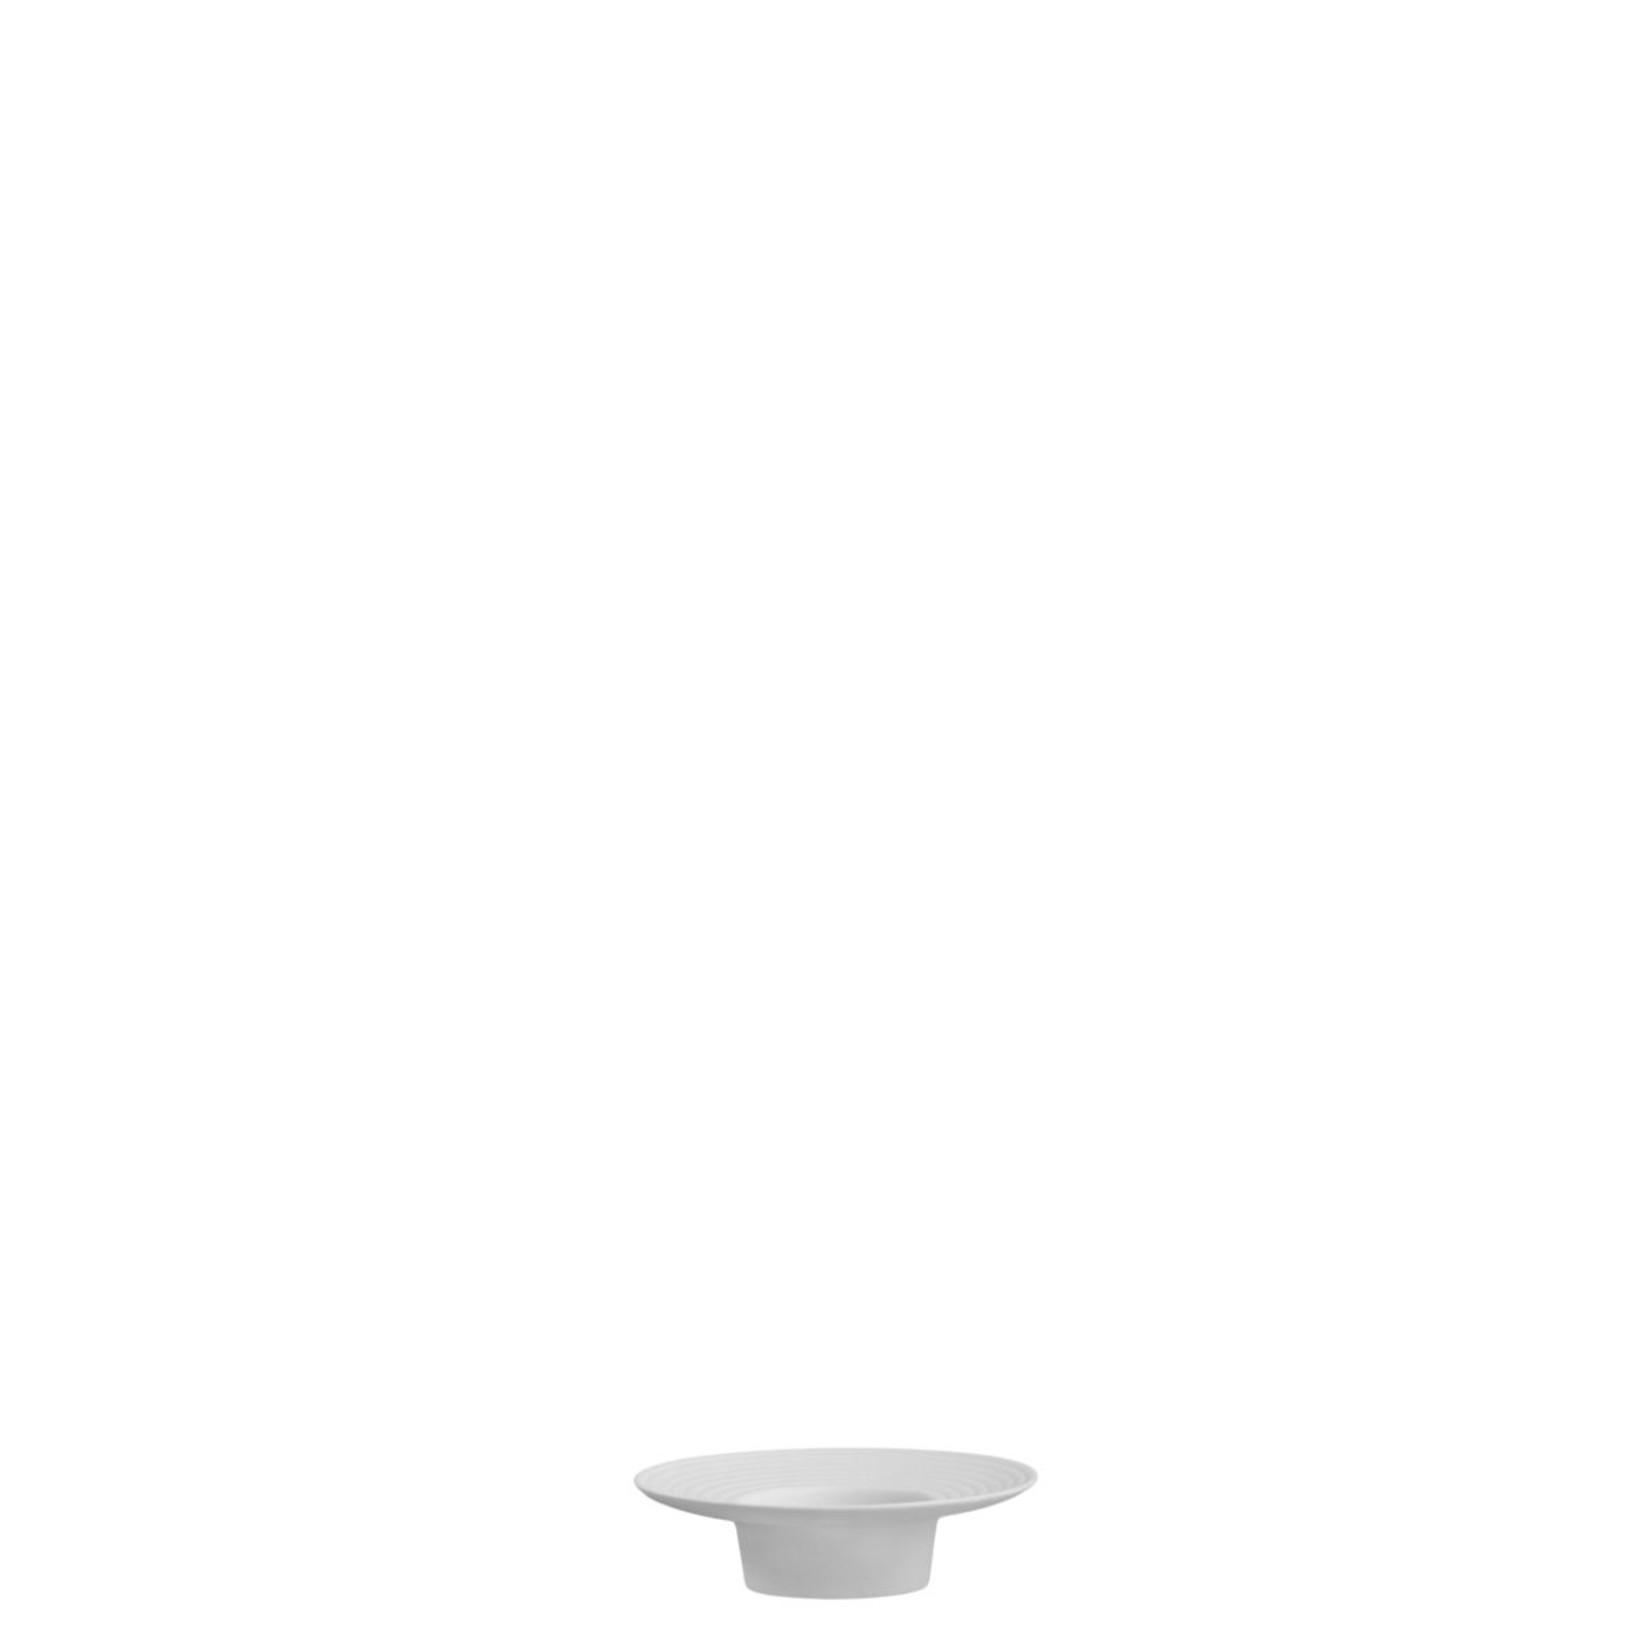 Storefactory  Teelichthalter Tveta weiß